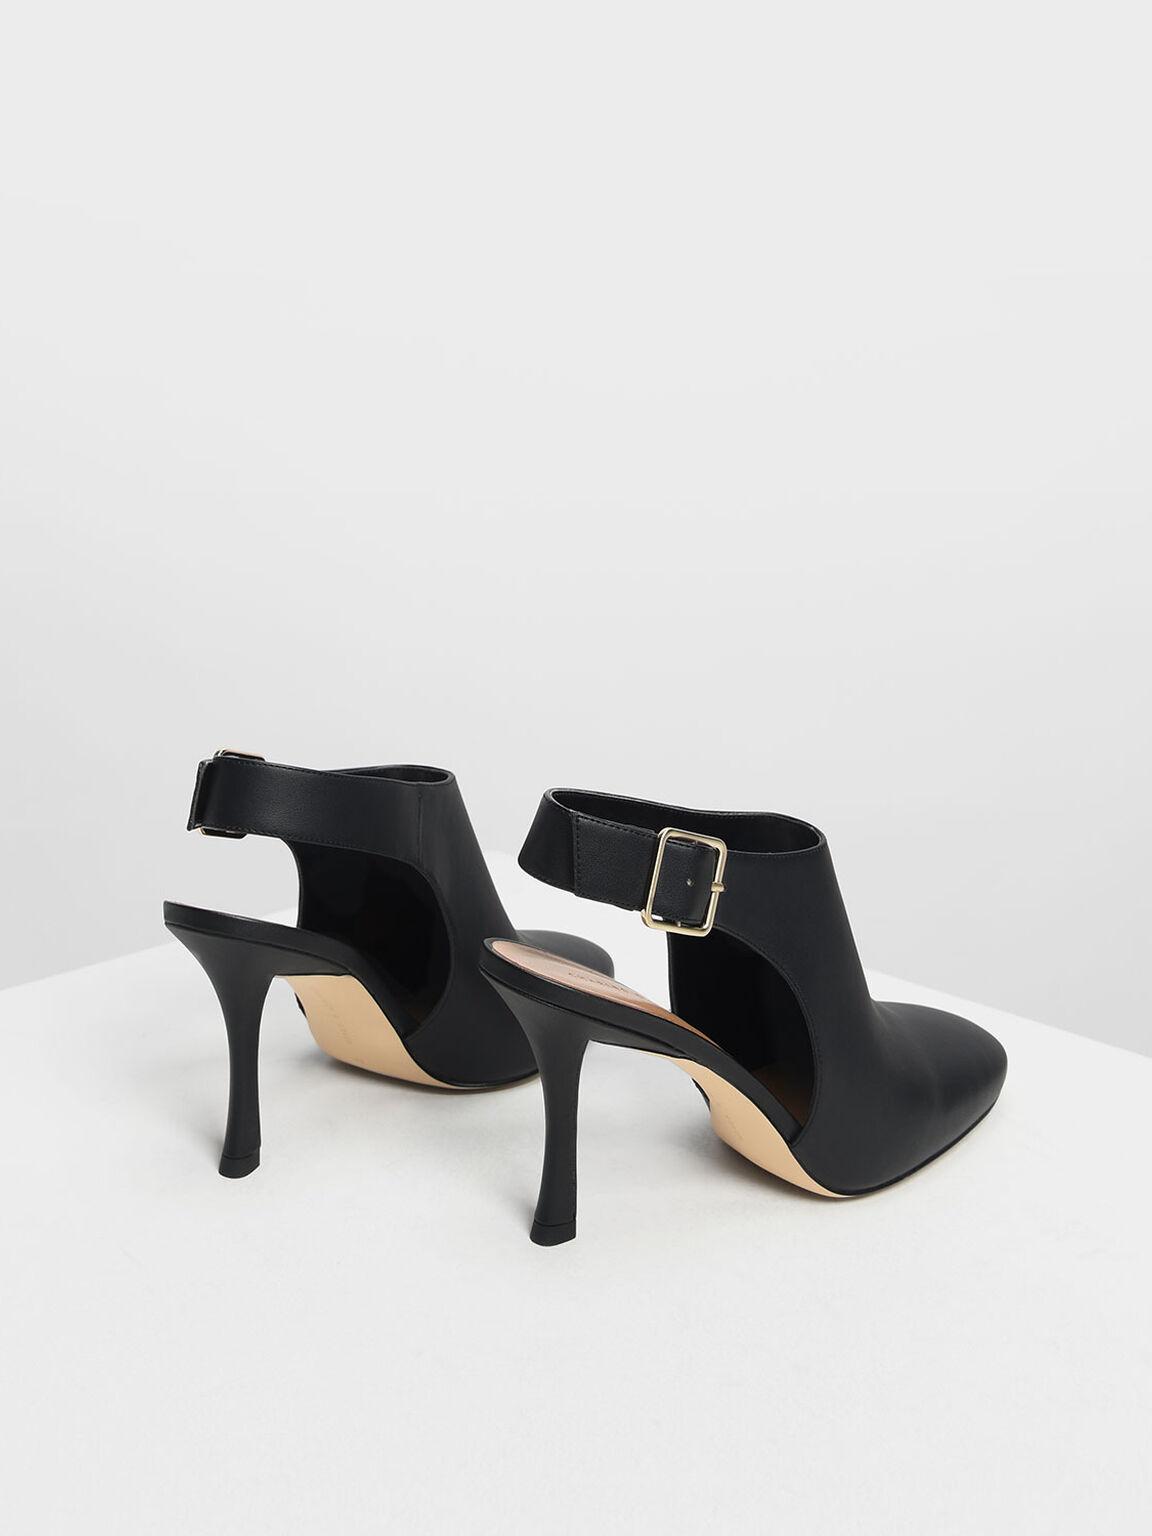 Slingback Ankle Boots, Black, hi-res